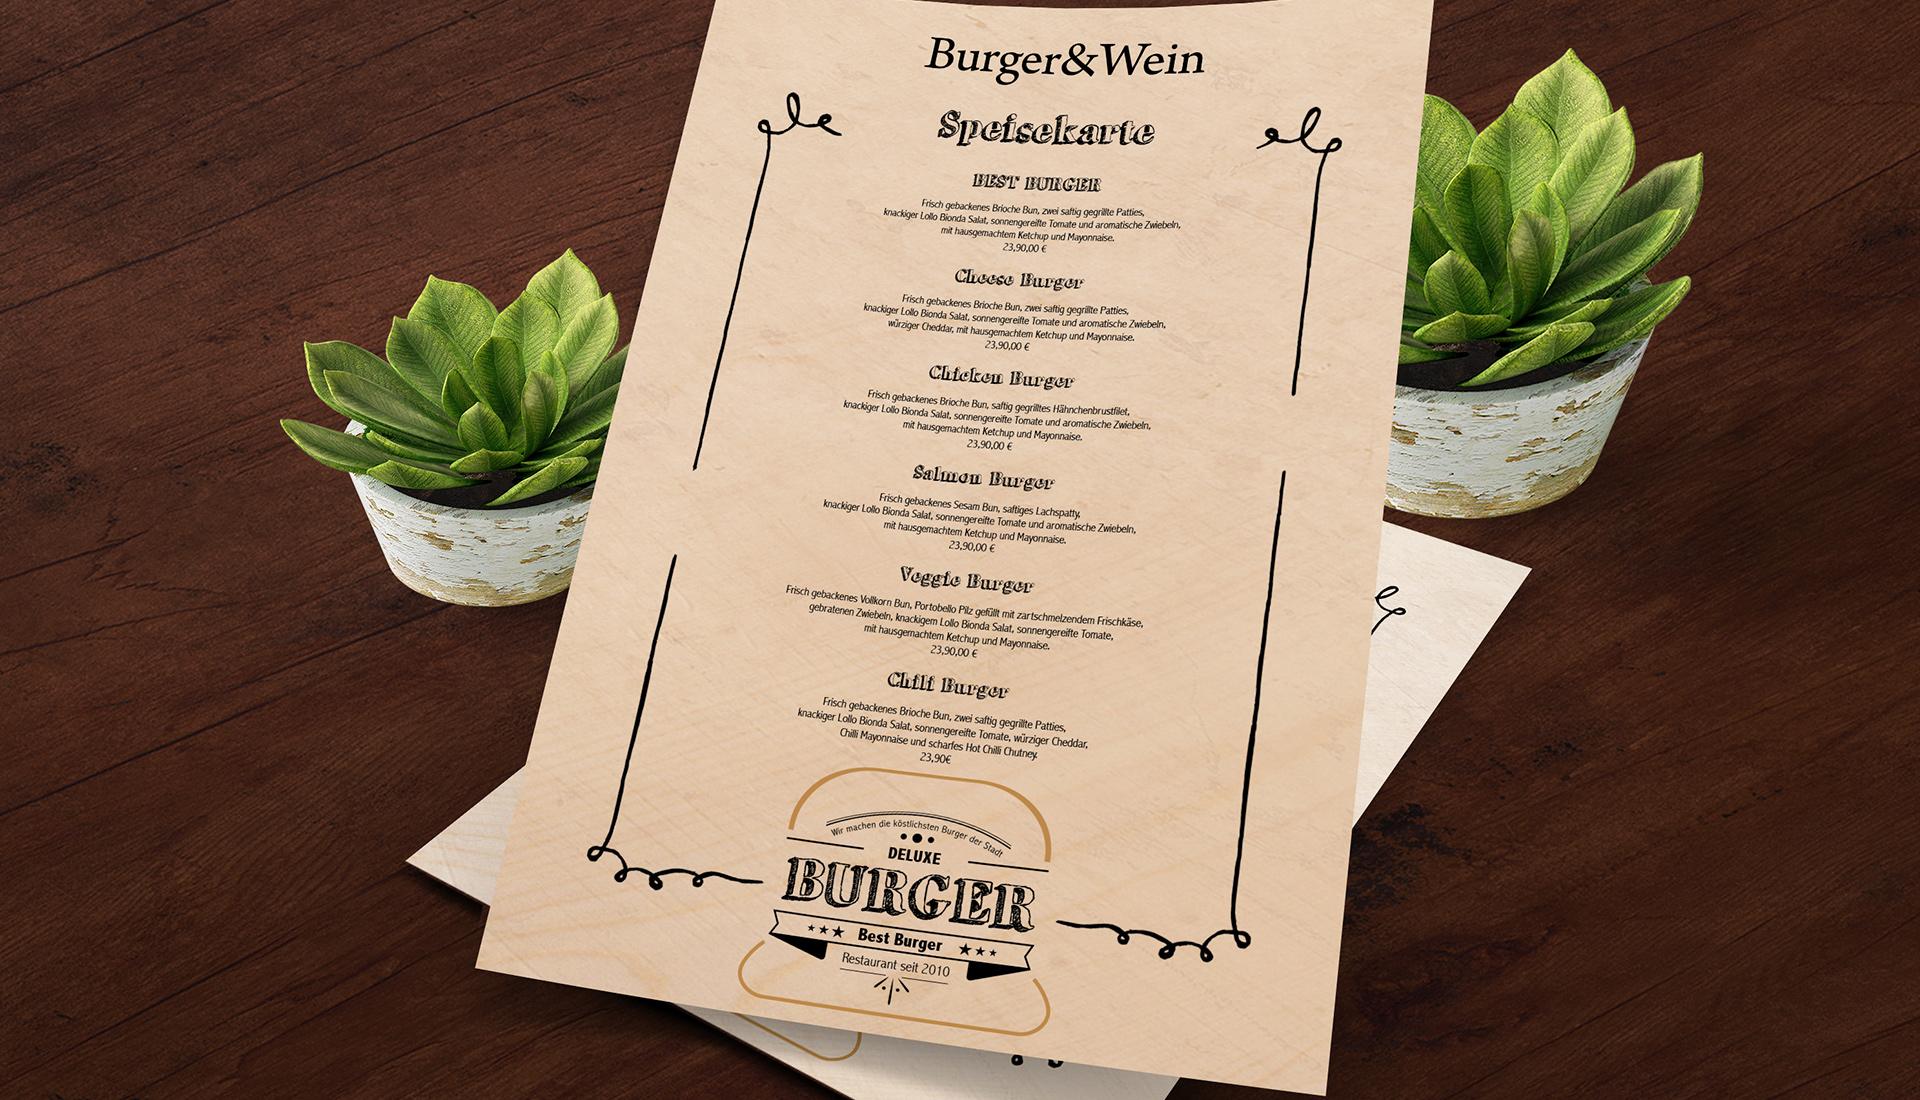 Corporate Design Burger Restaurant, Logo design, Gestaltung von Einladungskarten, Visitenkarten design, Restaurant Design, Menükarten Gestaltung